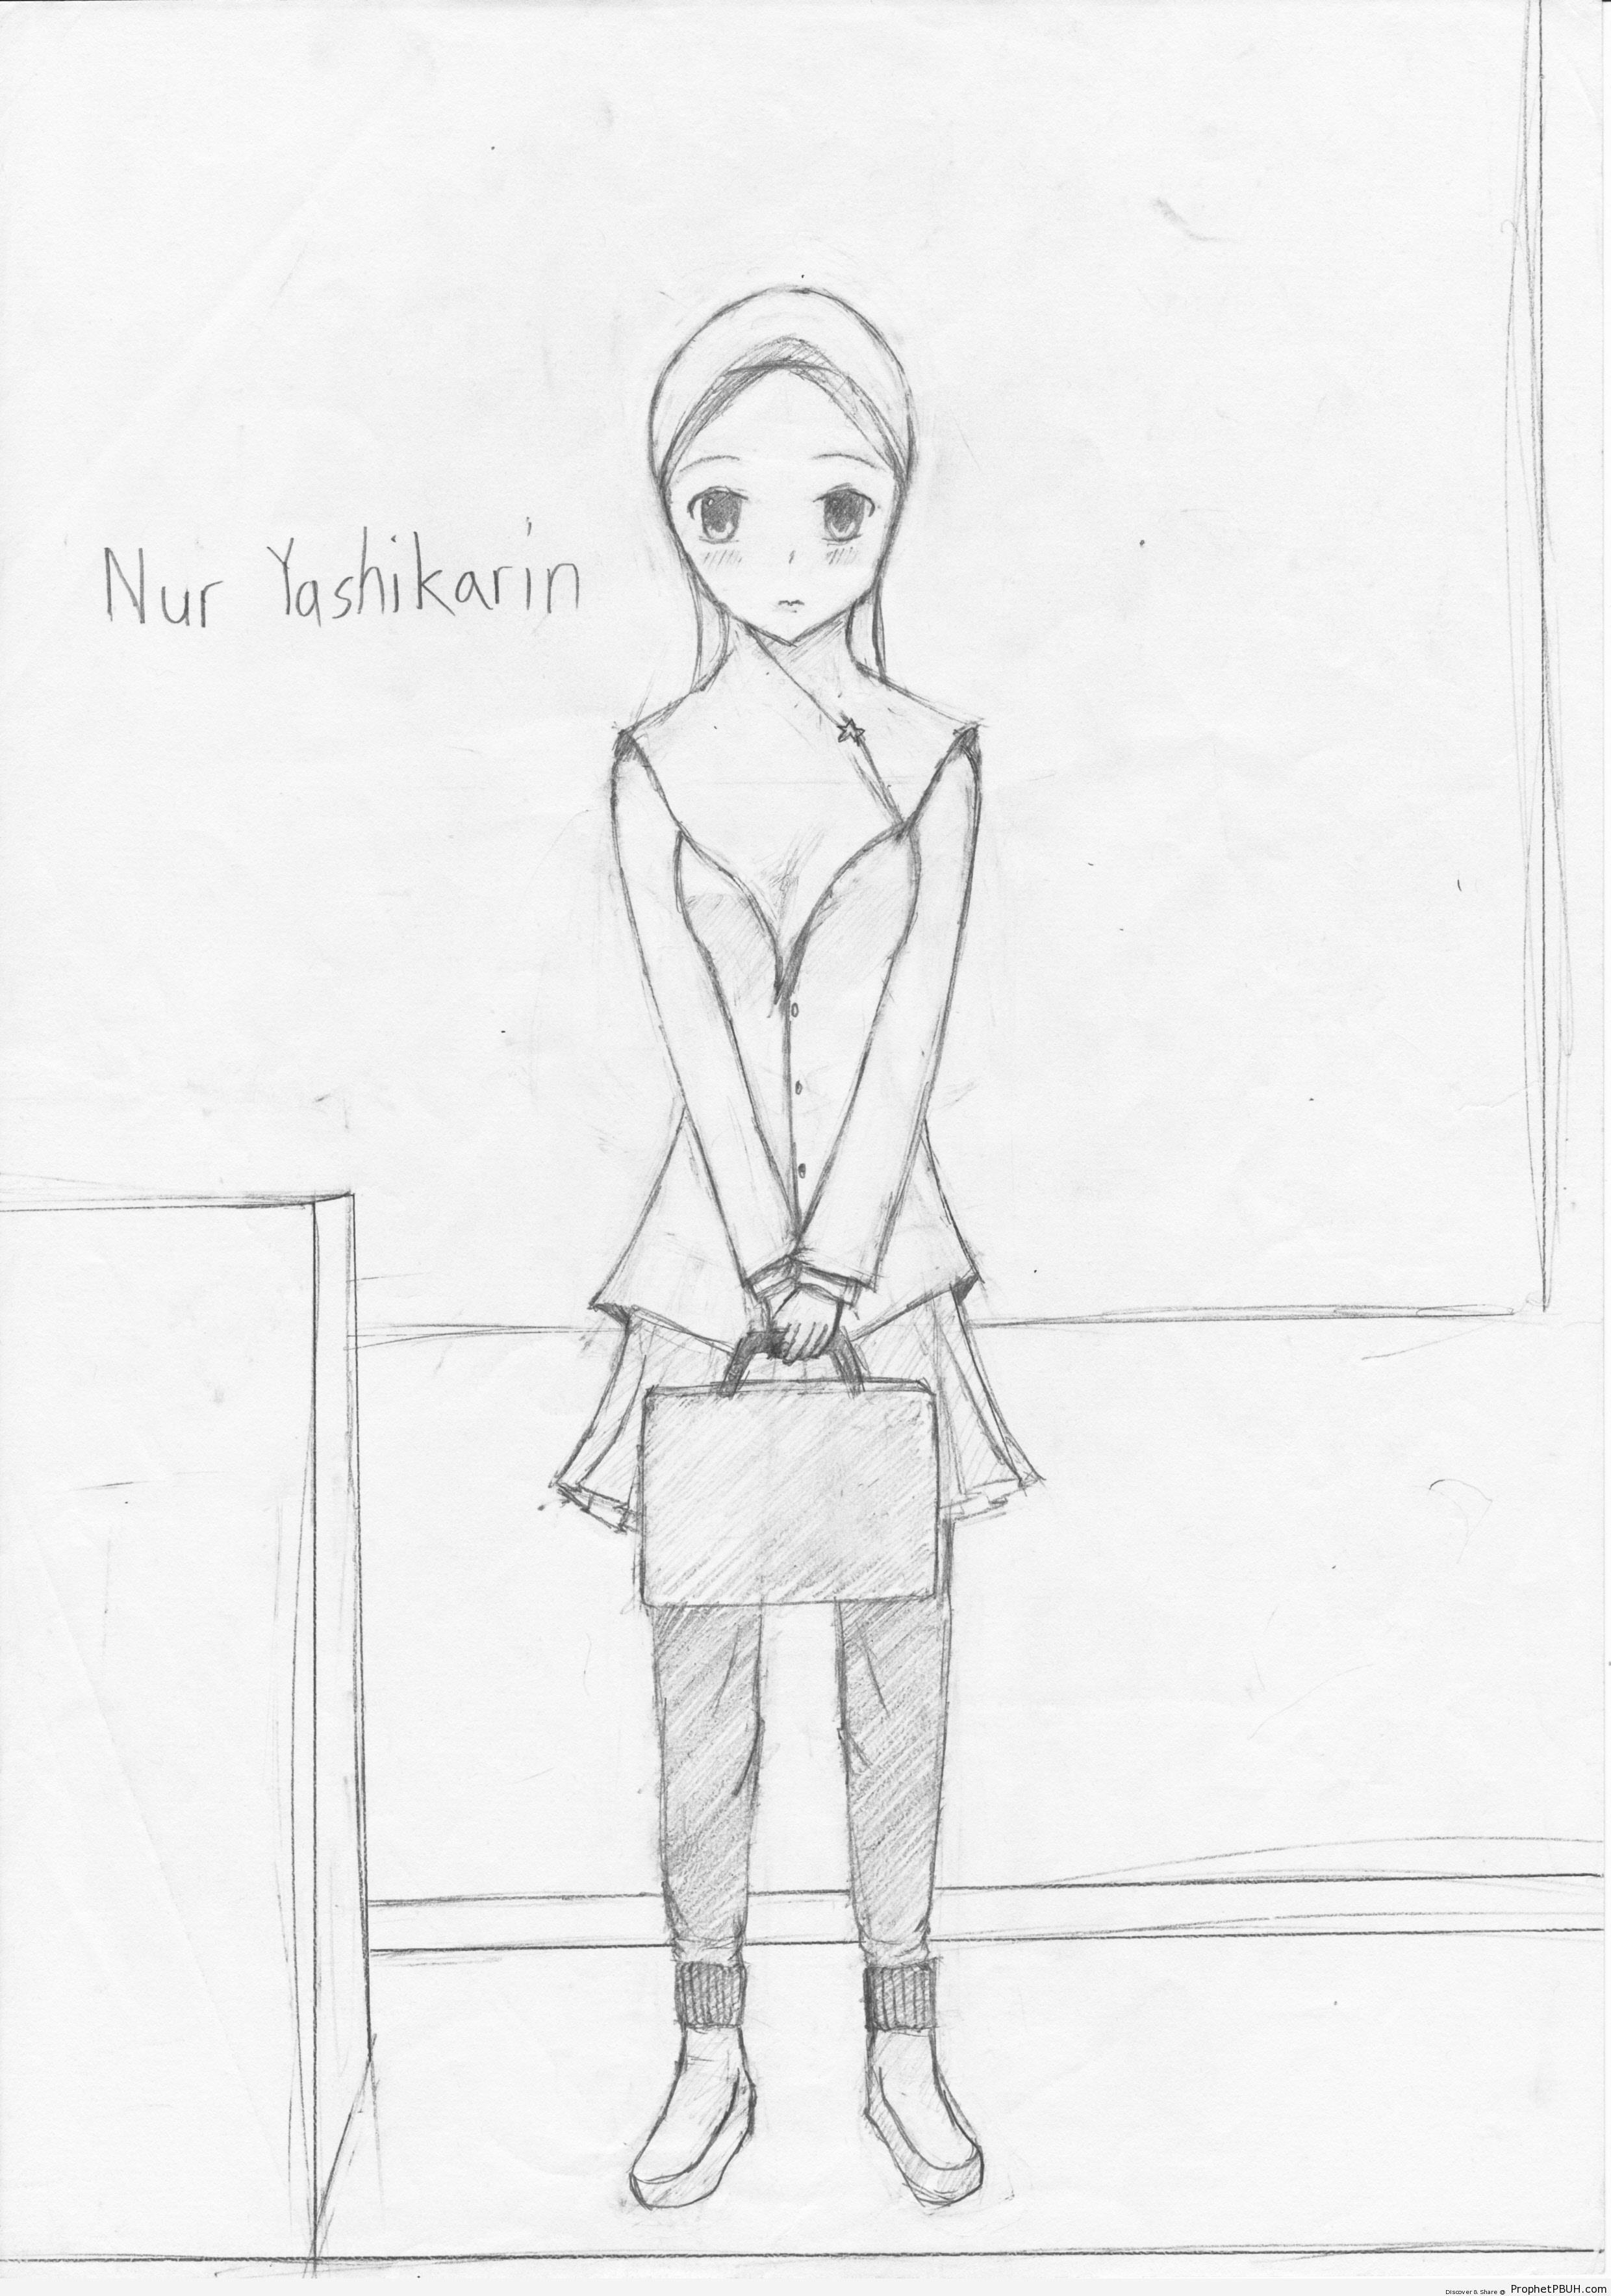 Japan Muslim Schoolgirl Drawing - Drawings